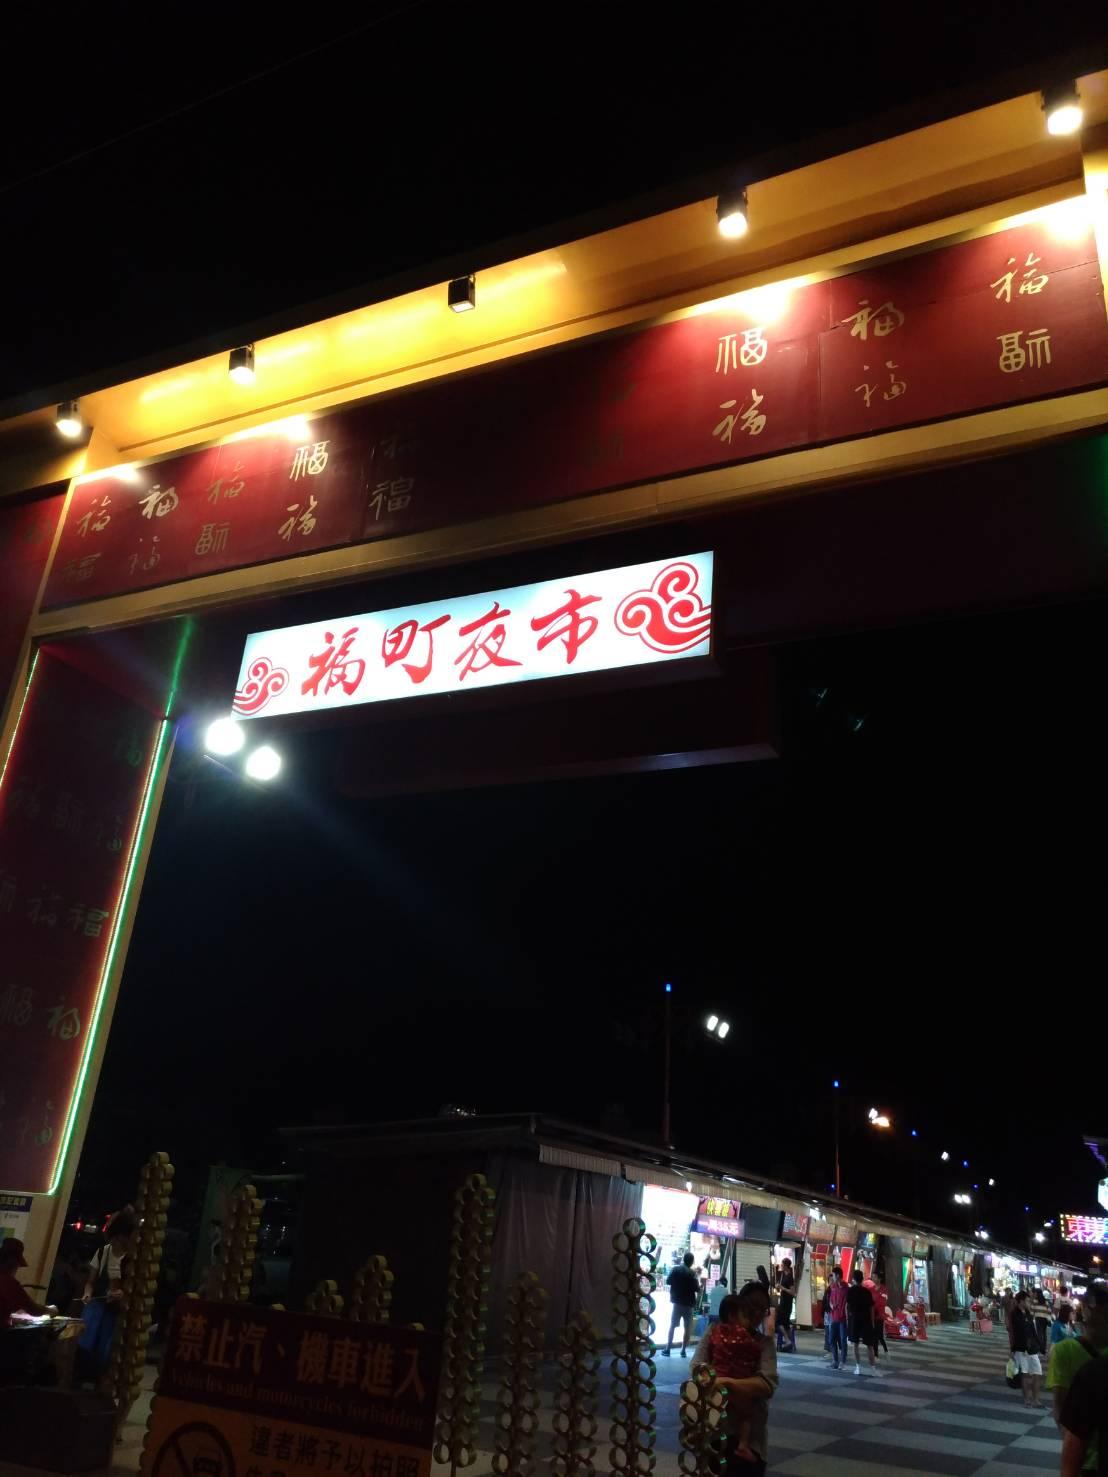 台湾・花蓮市福町夜市や東大門夜市